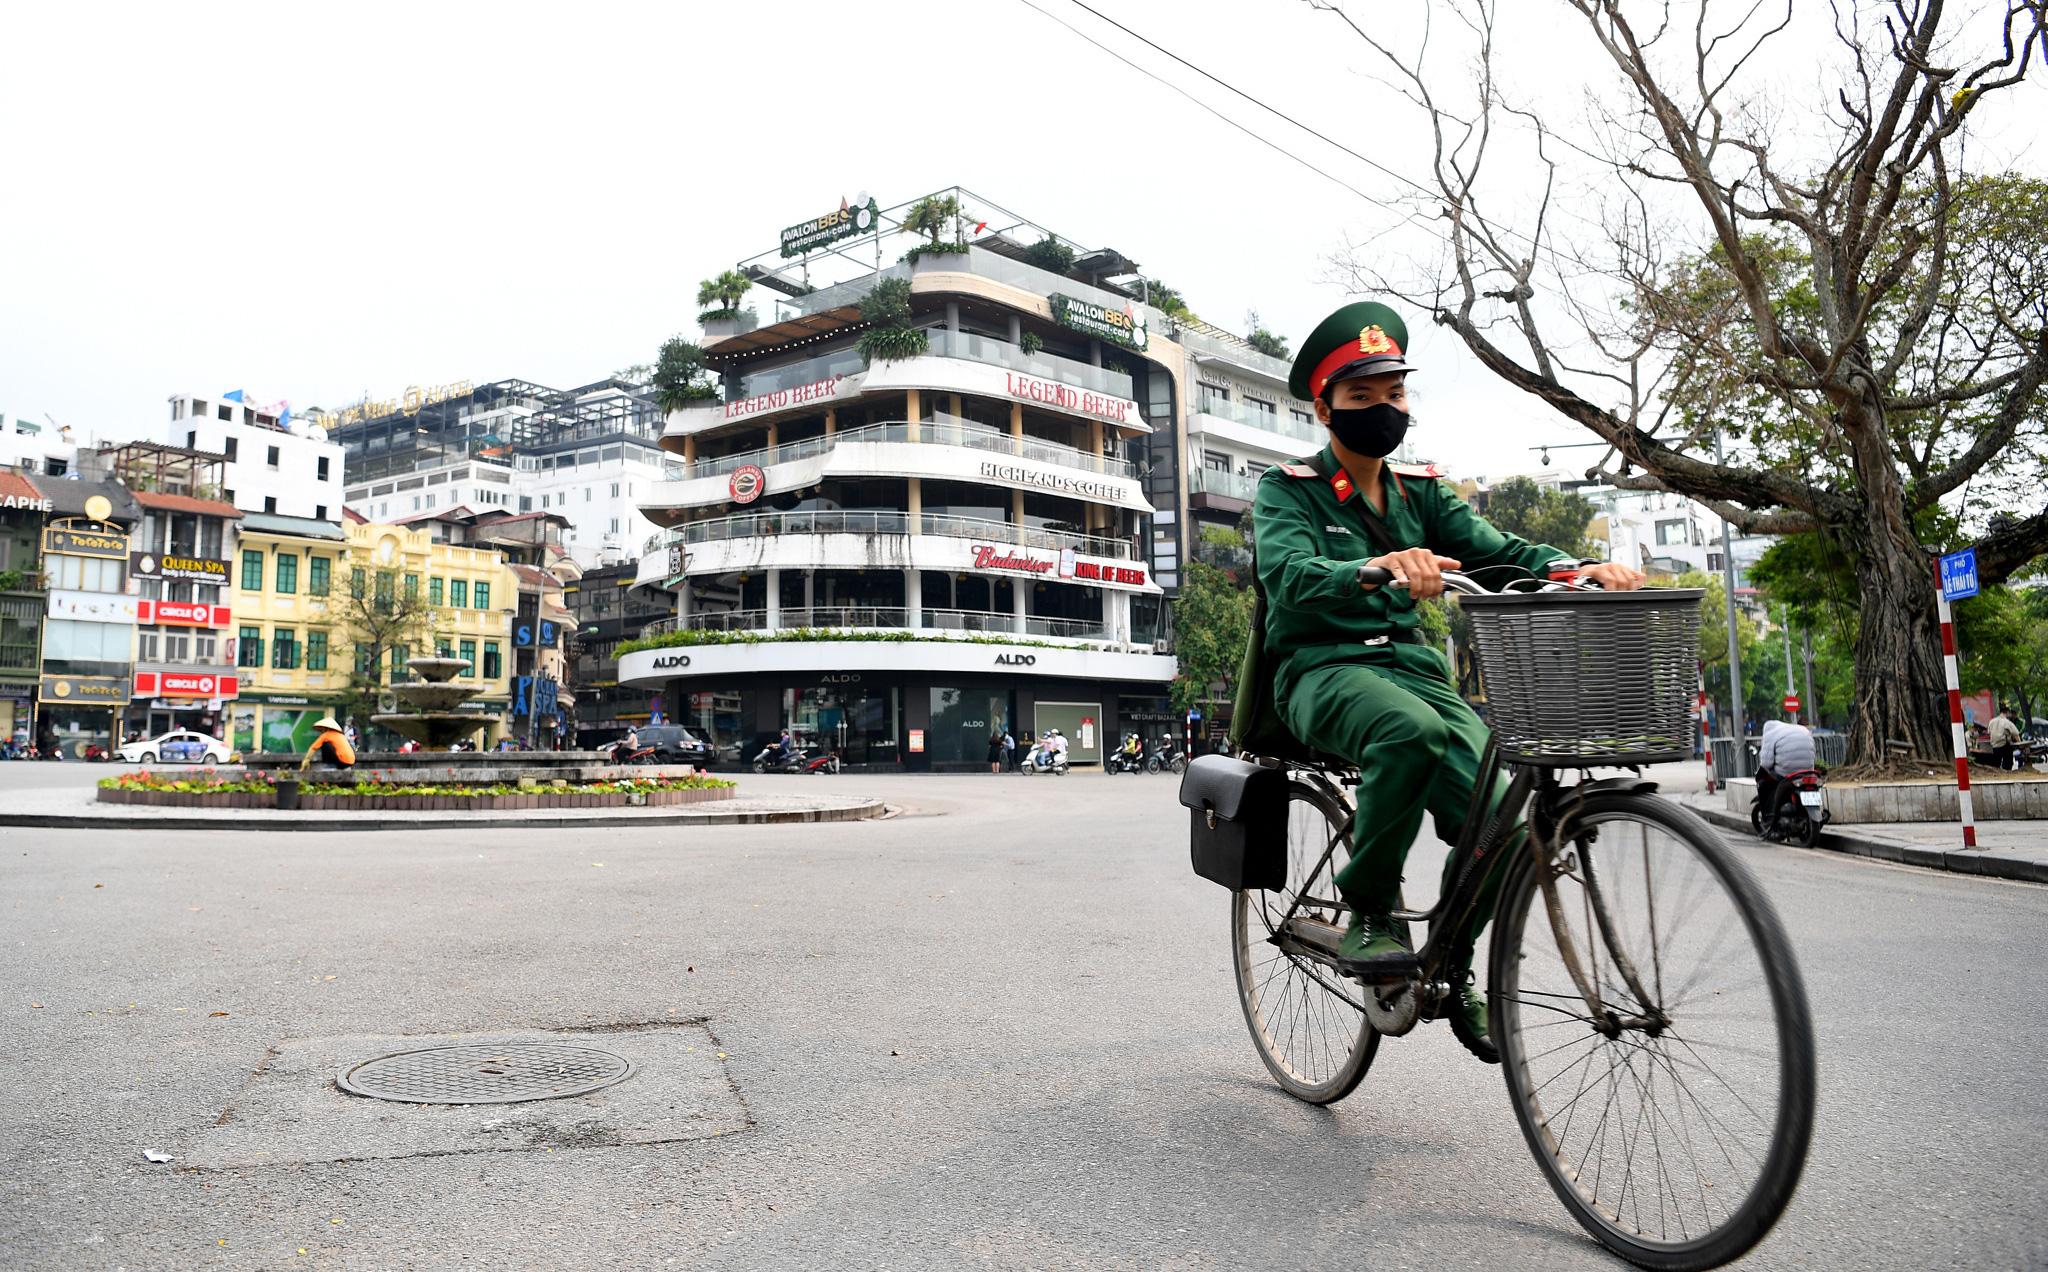 Phố Hà Nội vắng người, hàng quán đóng cửa sau yêu cầu tạm đình chỉ hoạt động cơ sở kinh doanh dịch vụ từ 28/3